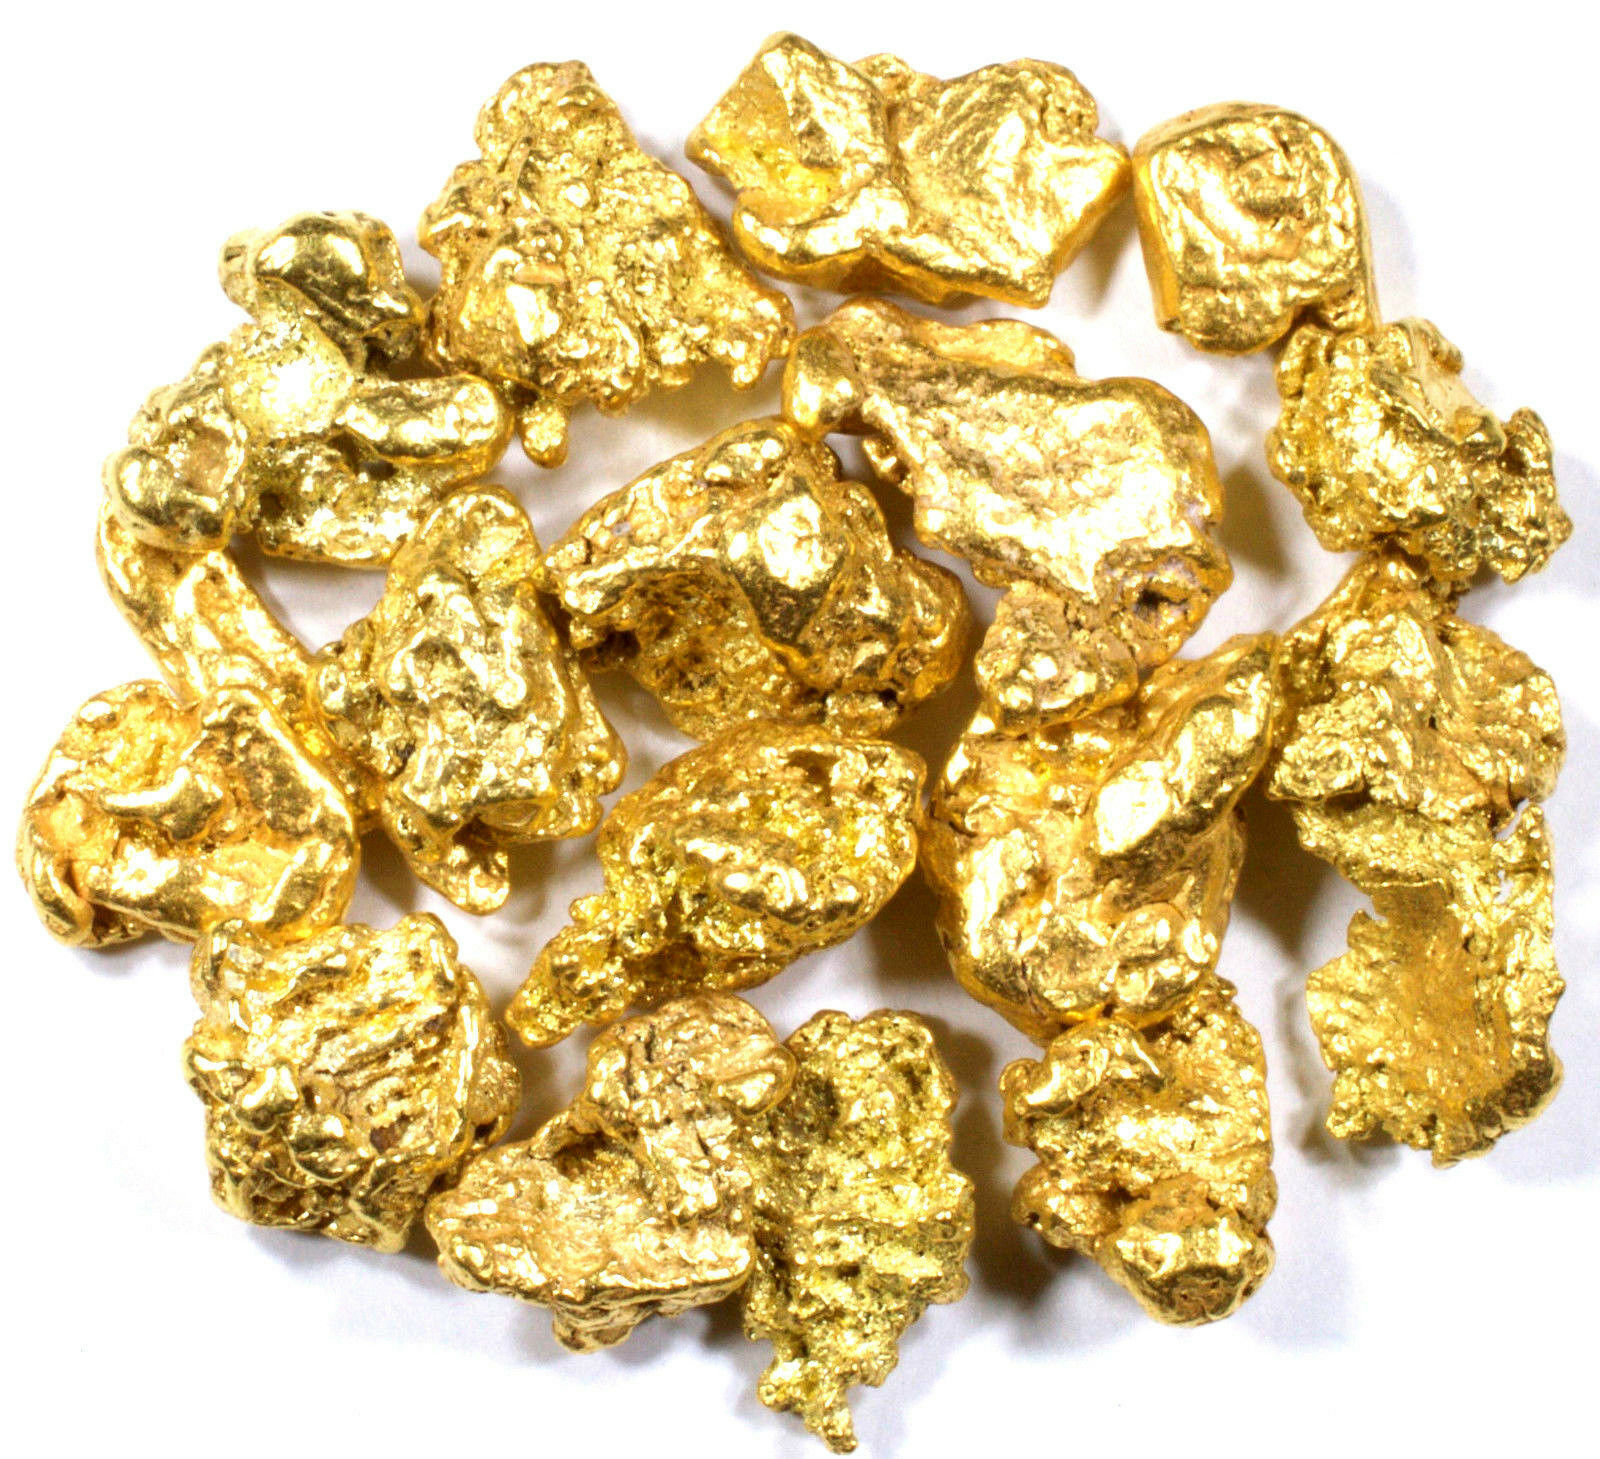 20 PIECE LOT ALASKAN YUKON BC NATURAL PURE GOLD NUGGETS FREE SHIPPING #L250